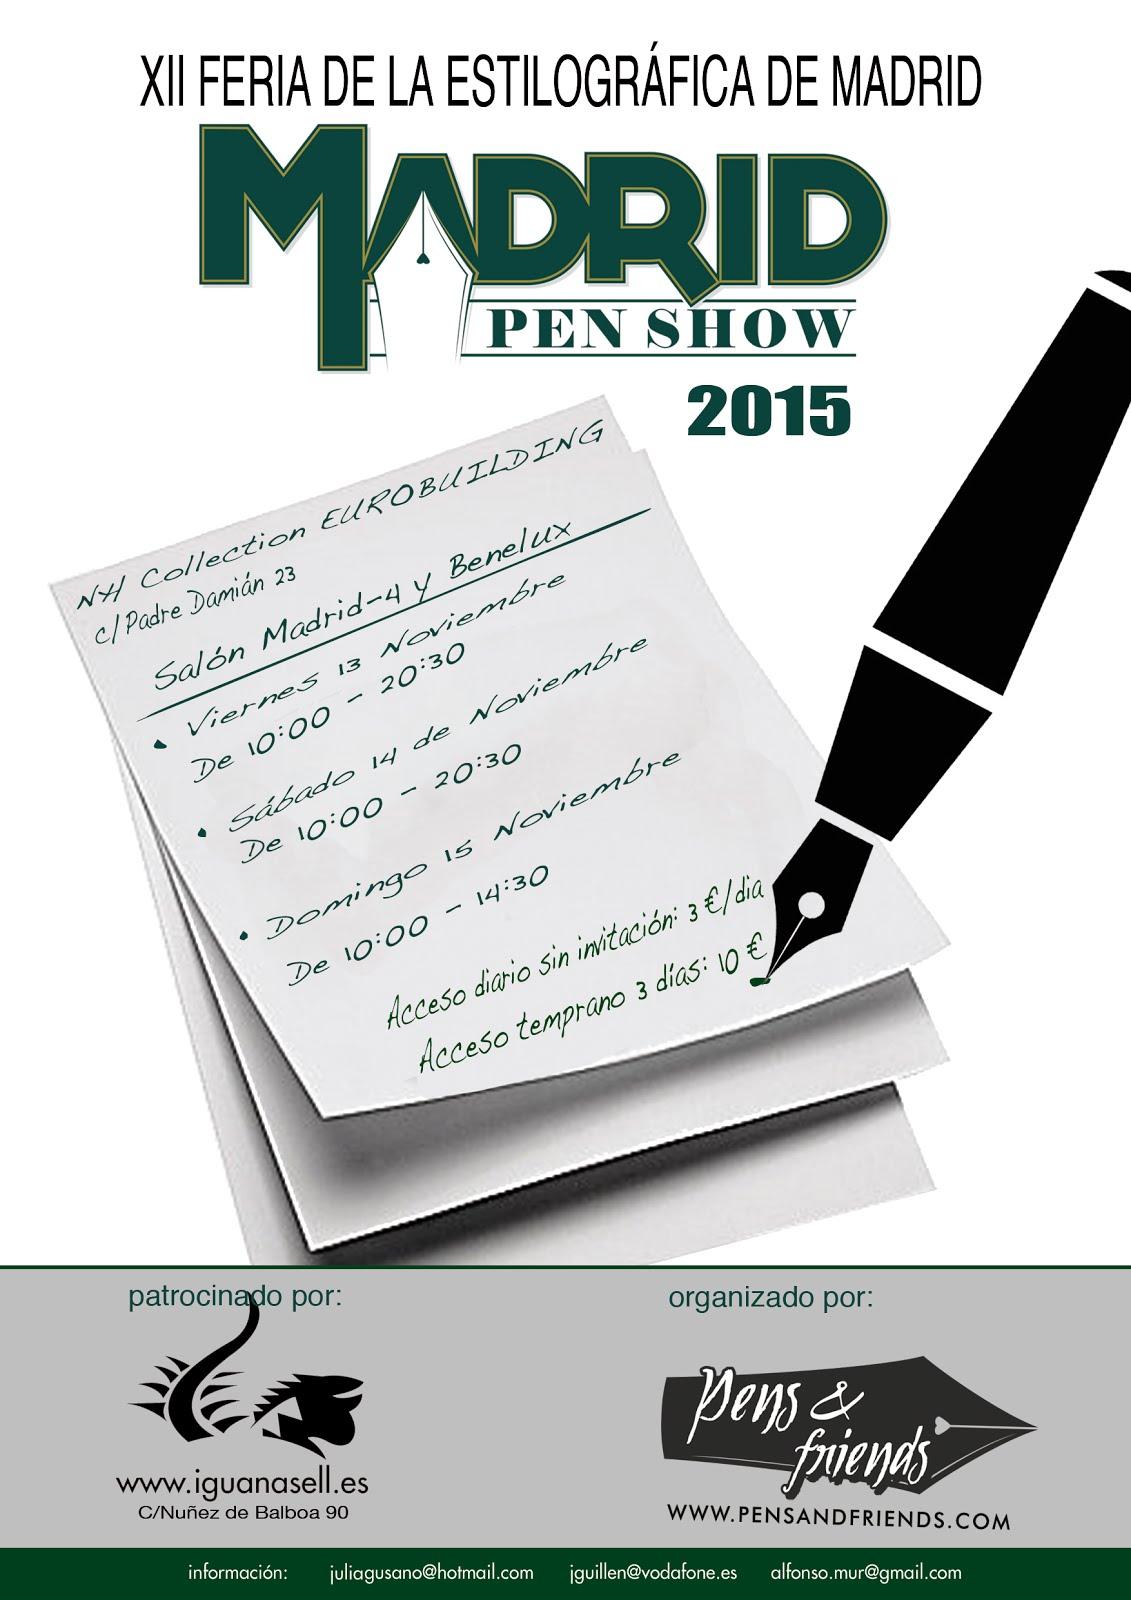 Madridpenshow 2015